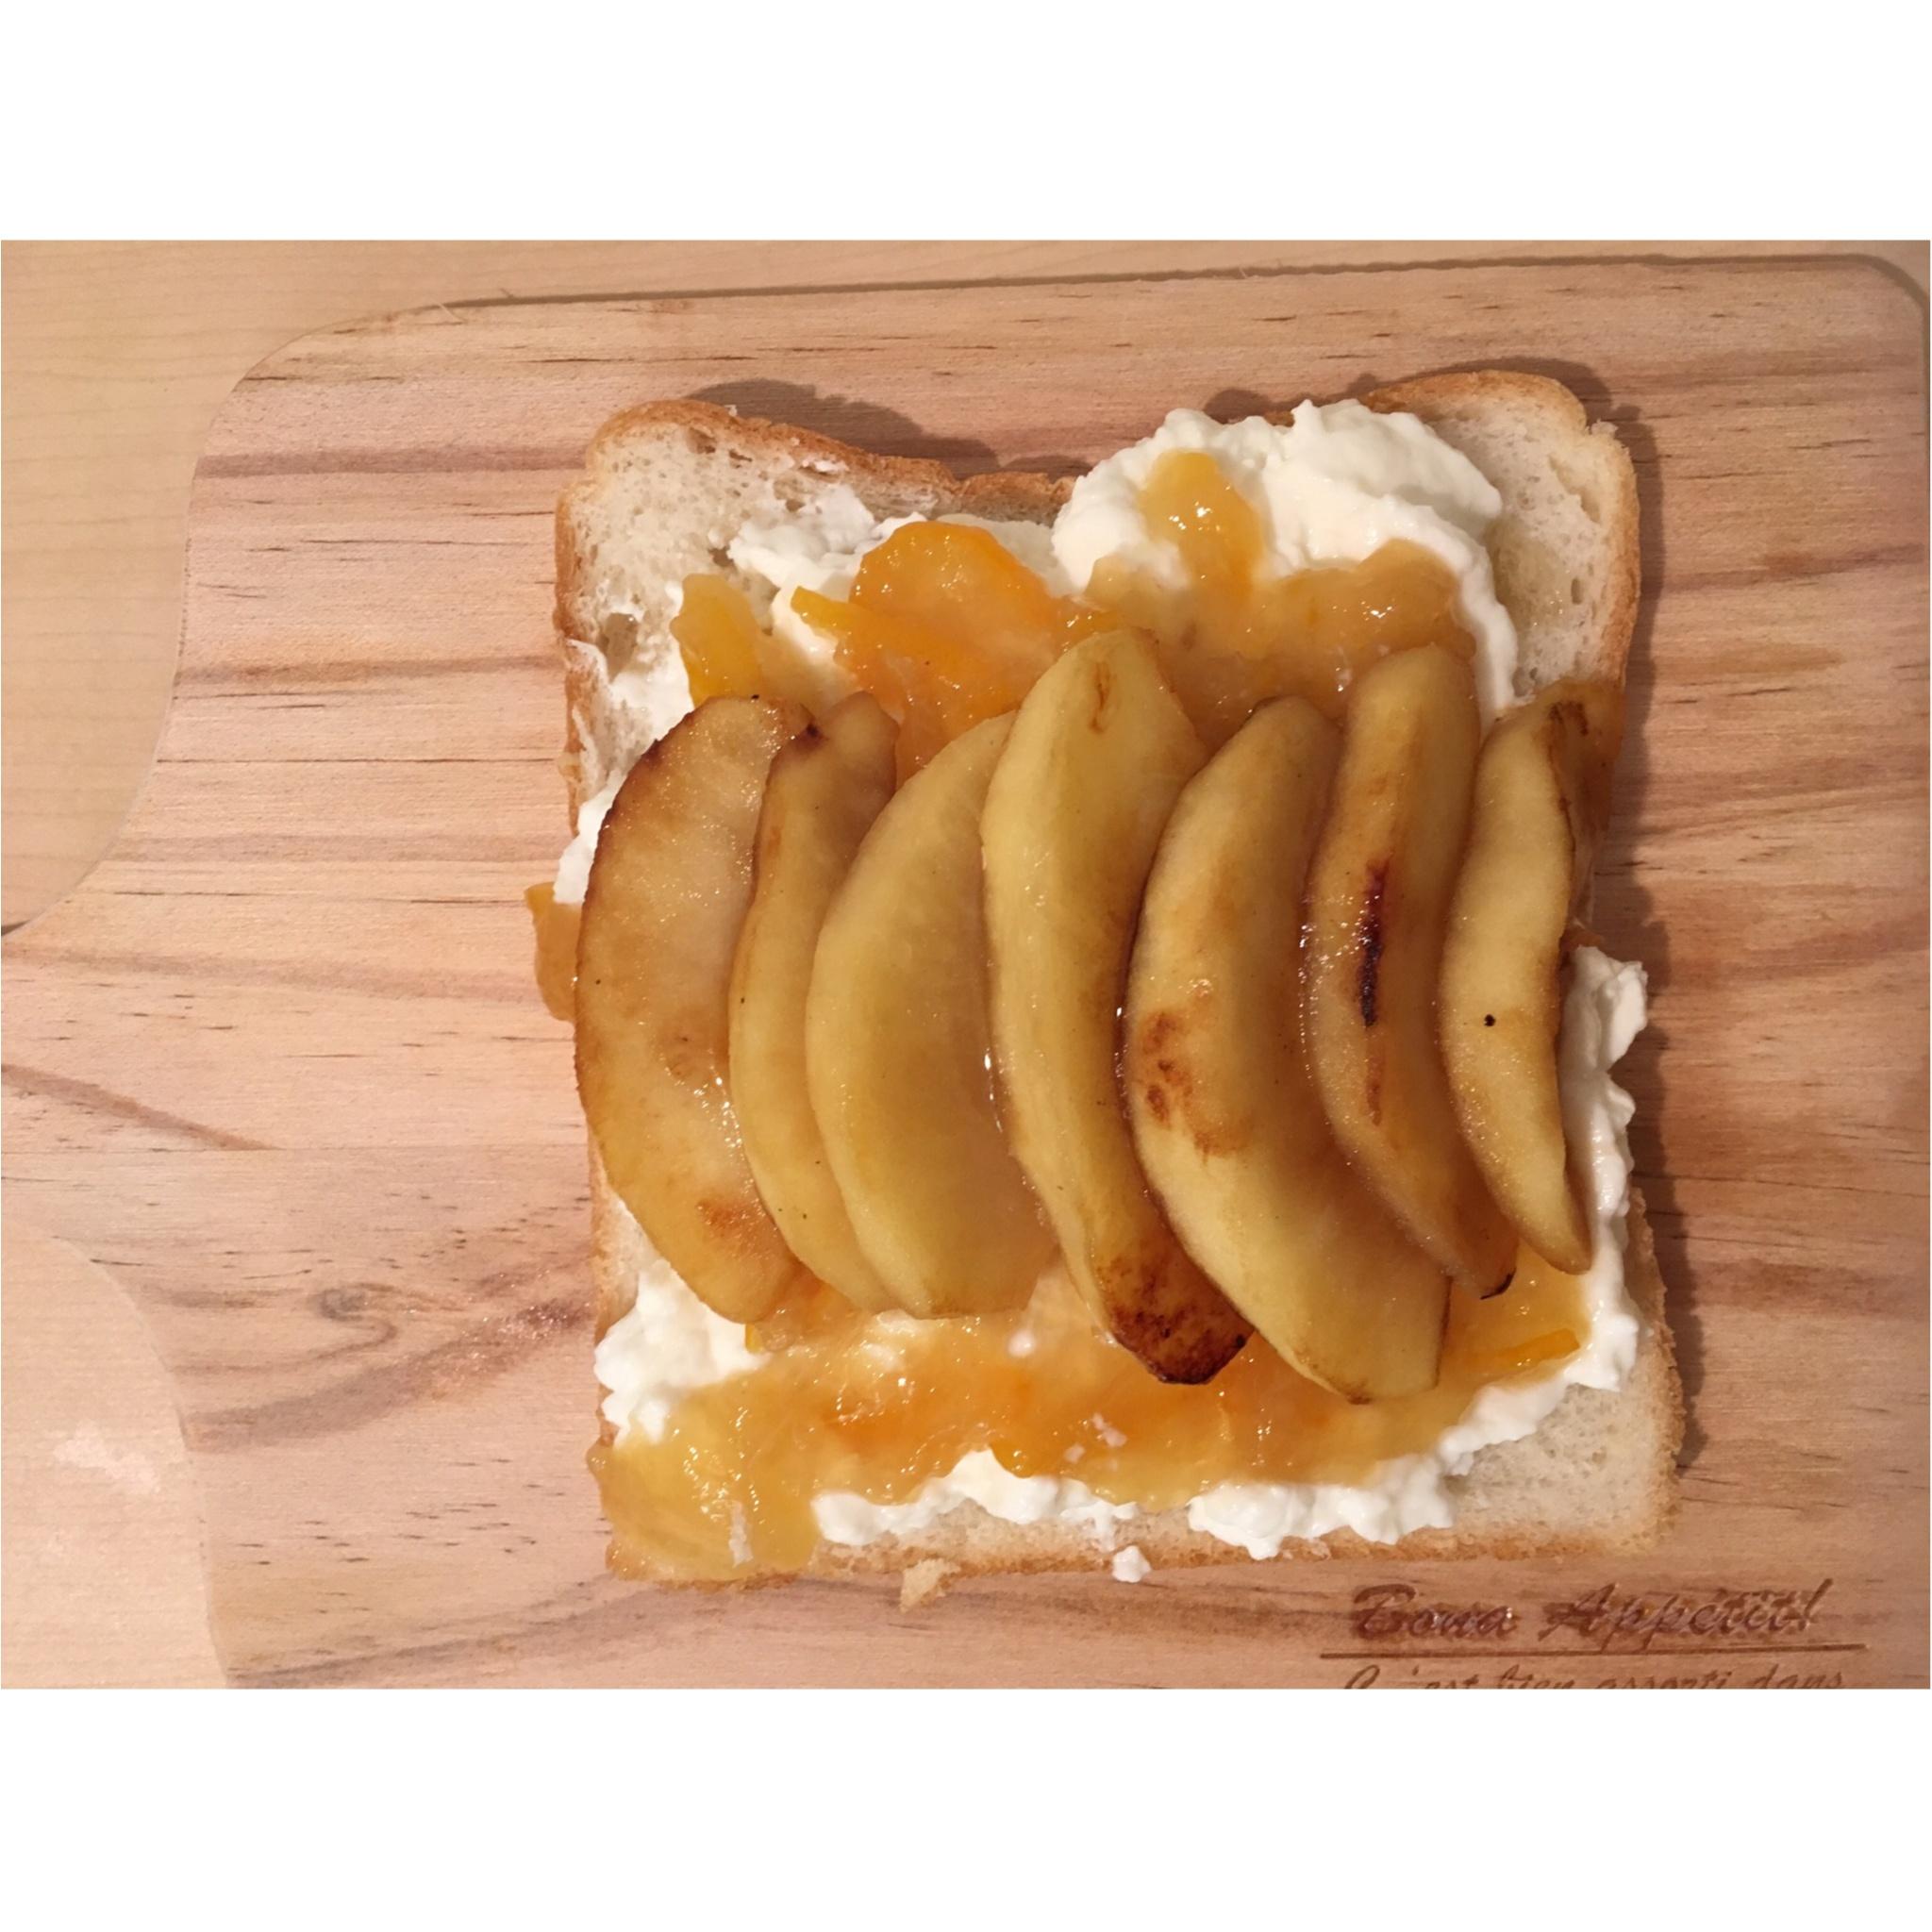 【女子力UP】見た目もかわいく♡朝から気分もあがる朝ごパンはいかがですか?☺︎-はる飯-_4